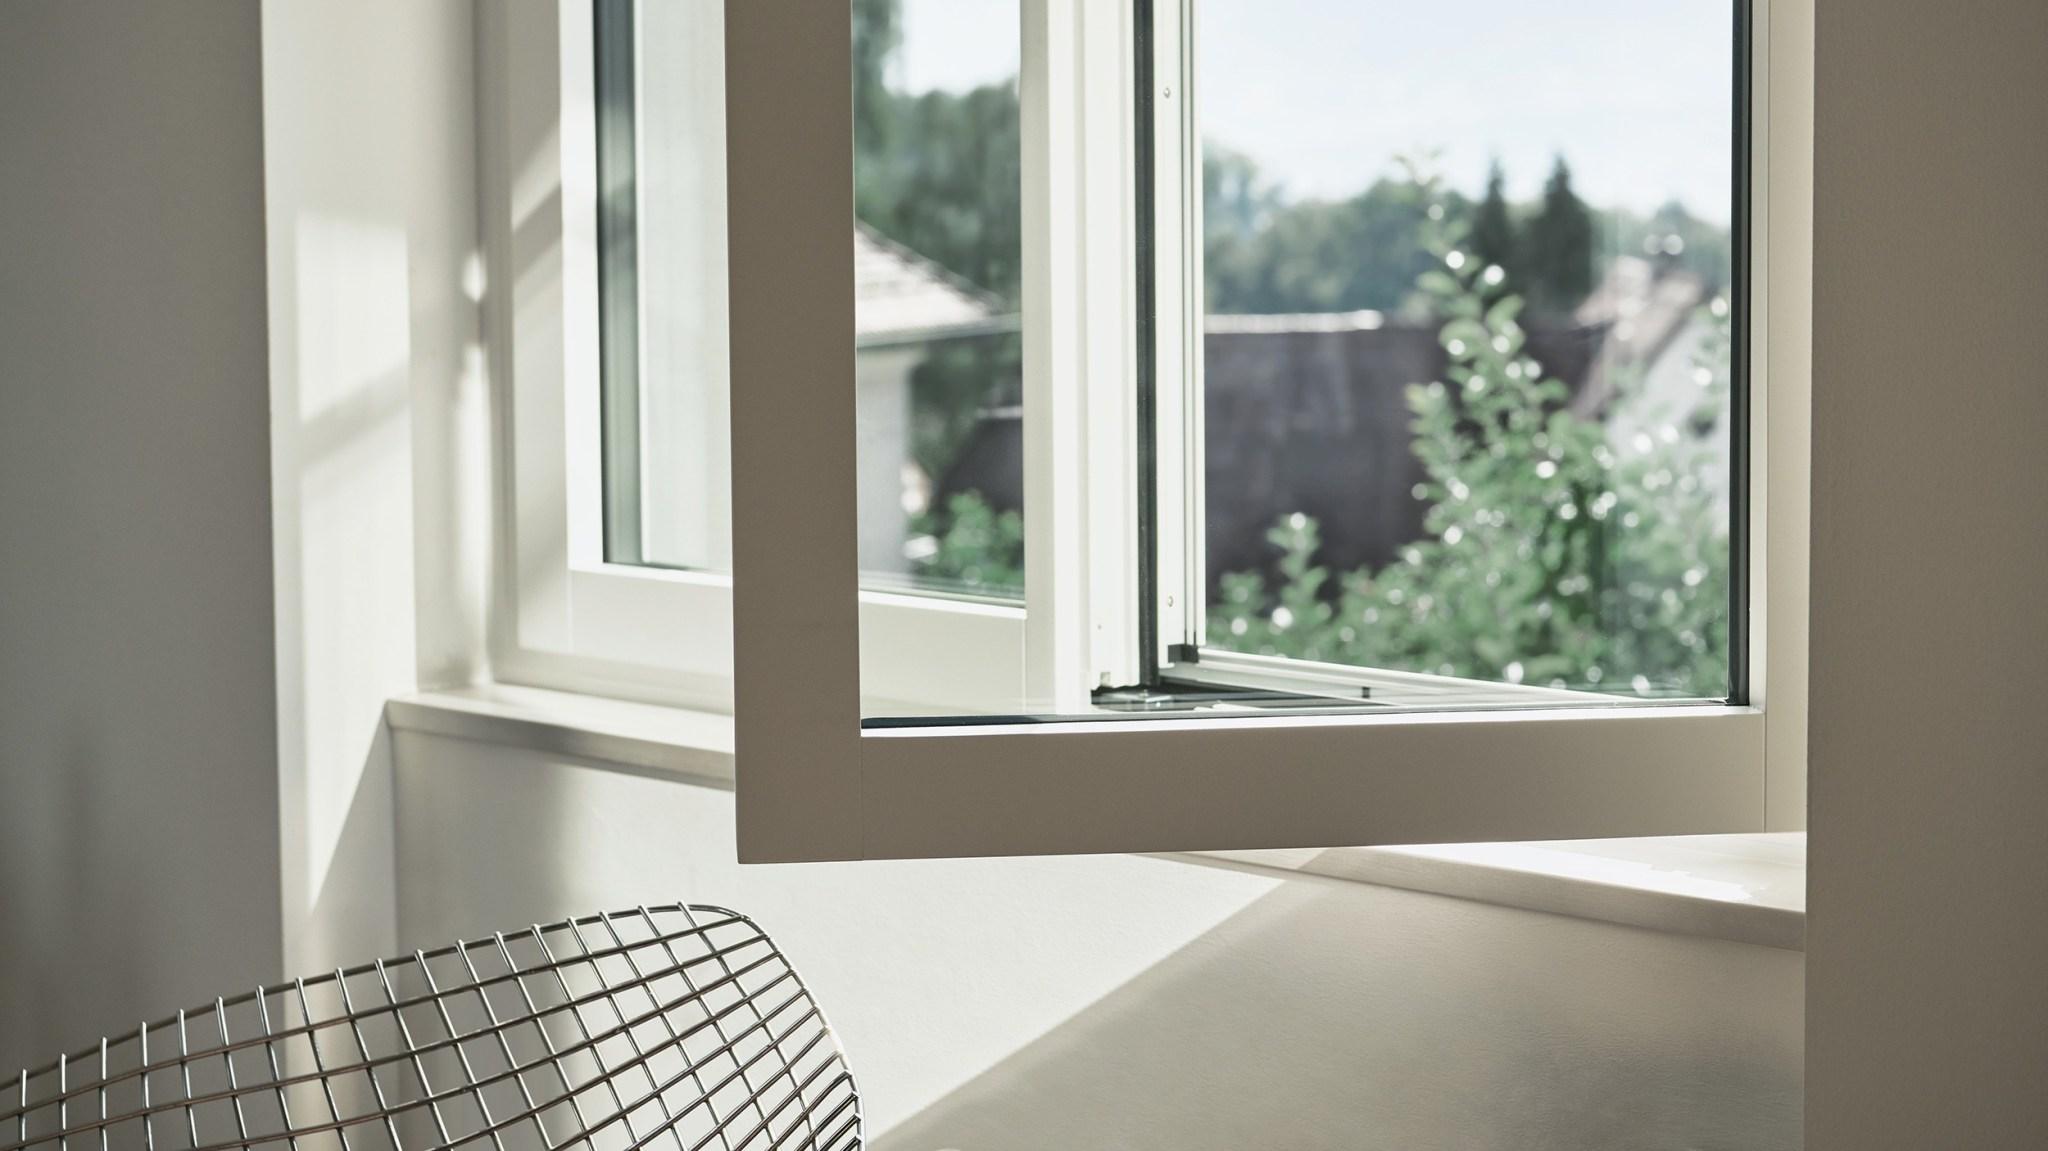 Renovationsfenster RF1 in weiss mit offenem Fensterflügel und Aussicht ins Grüne